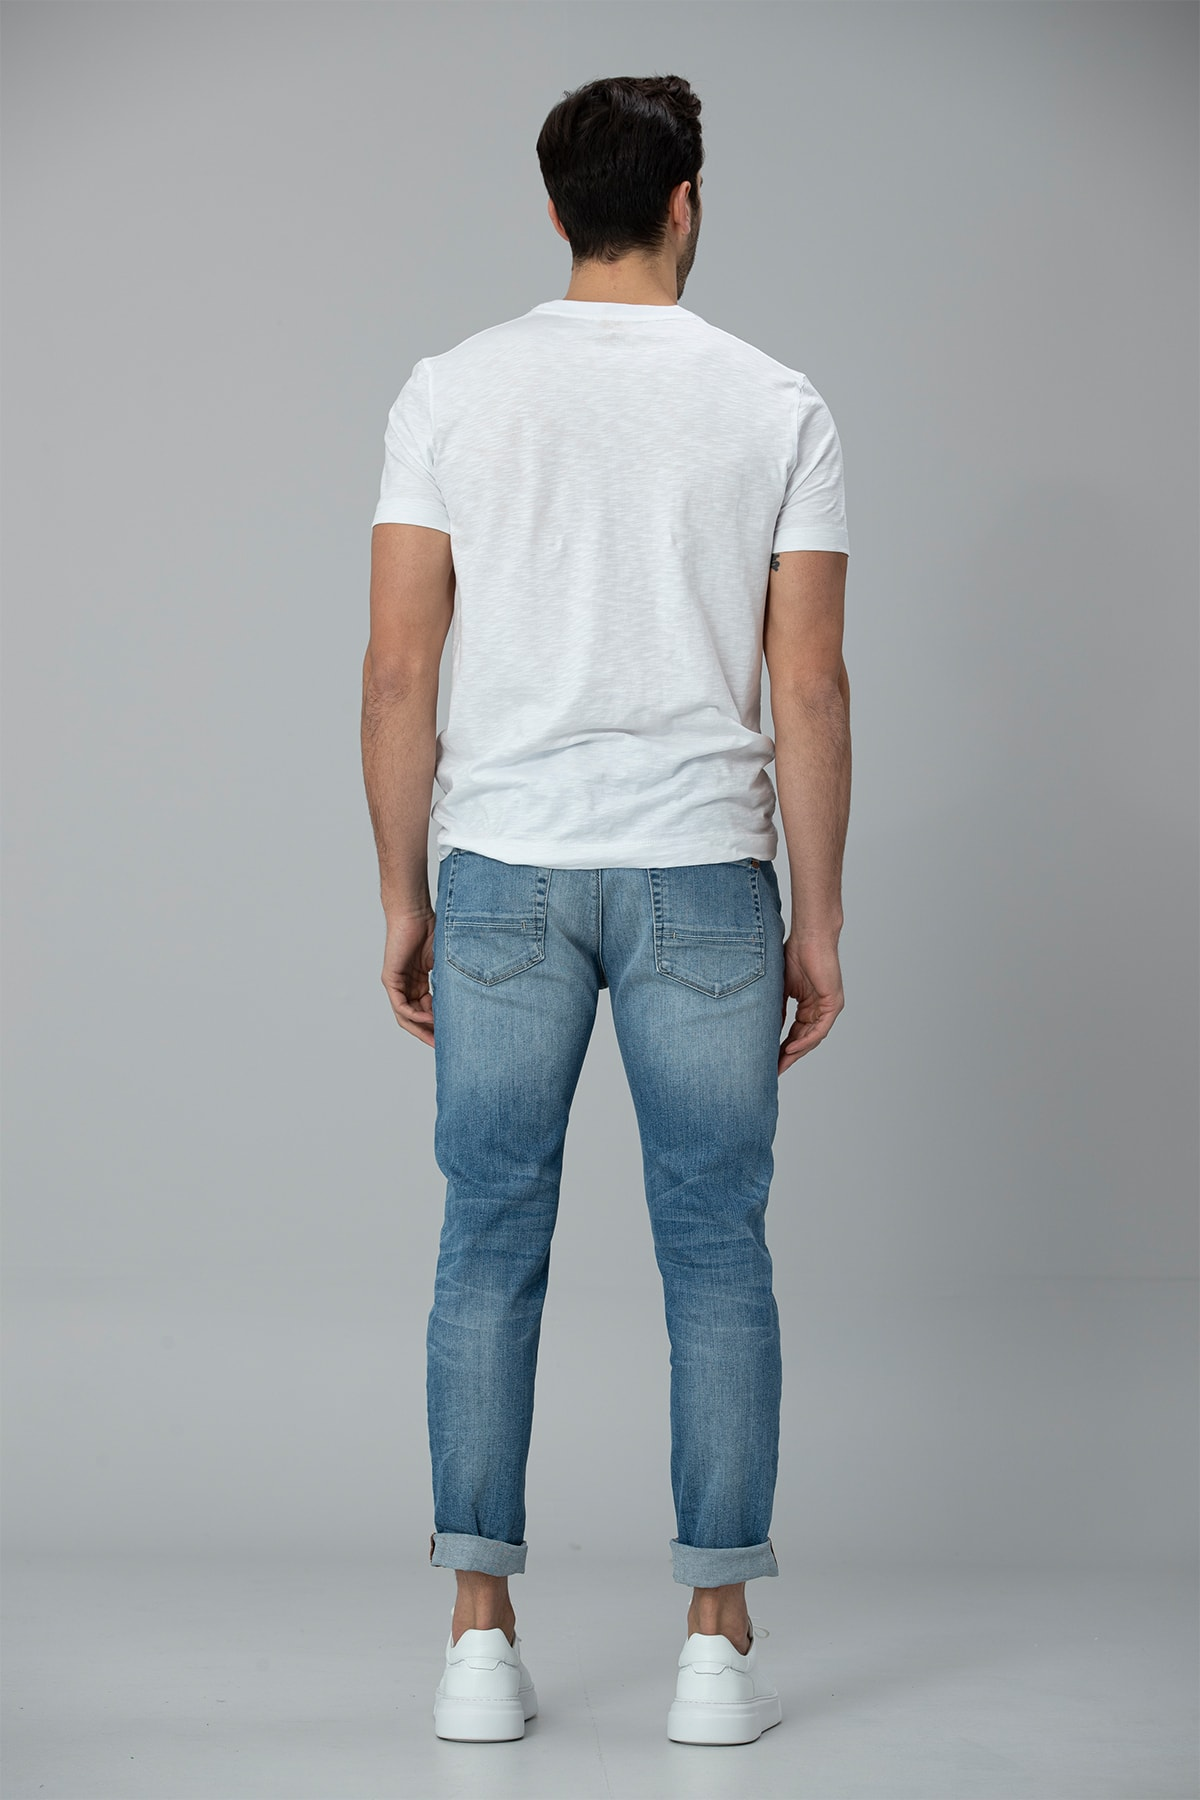 Lufian Gigest Modern Grafik T- Shirt Beyaz 4